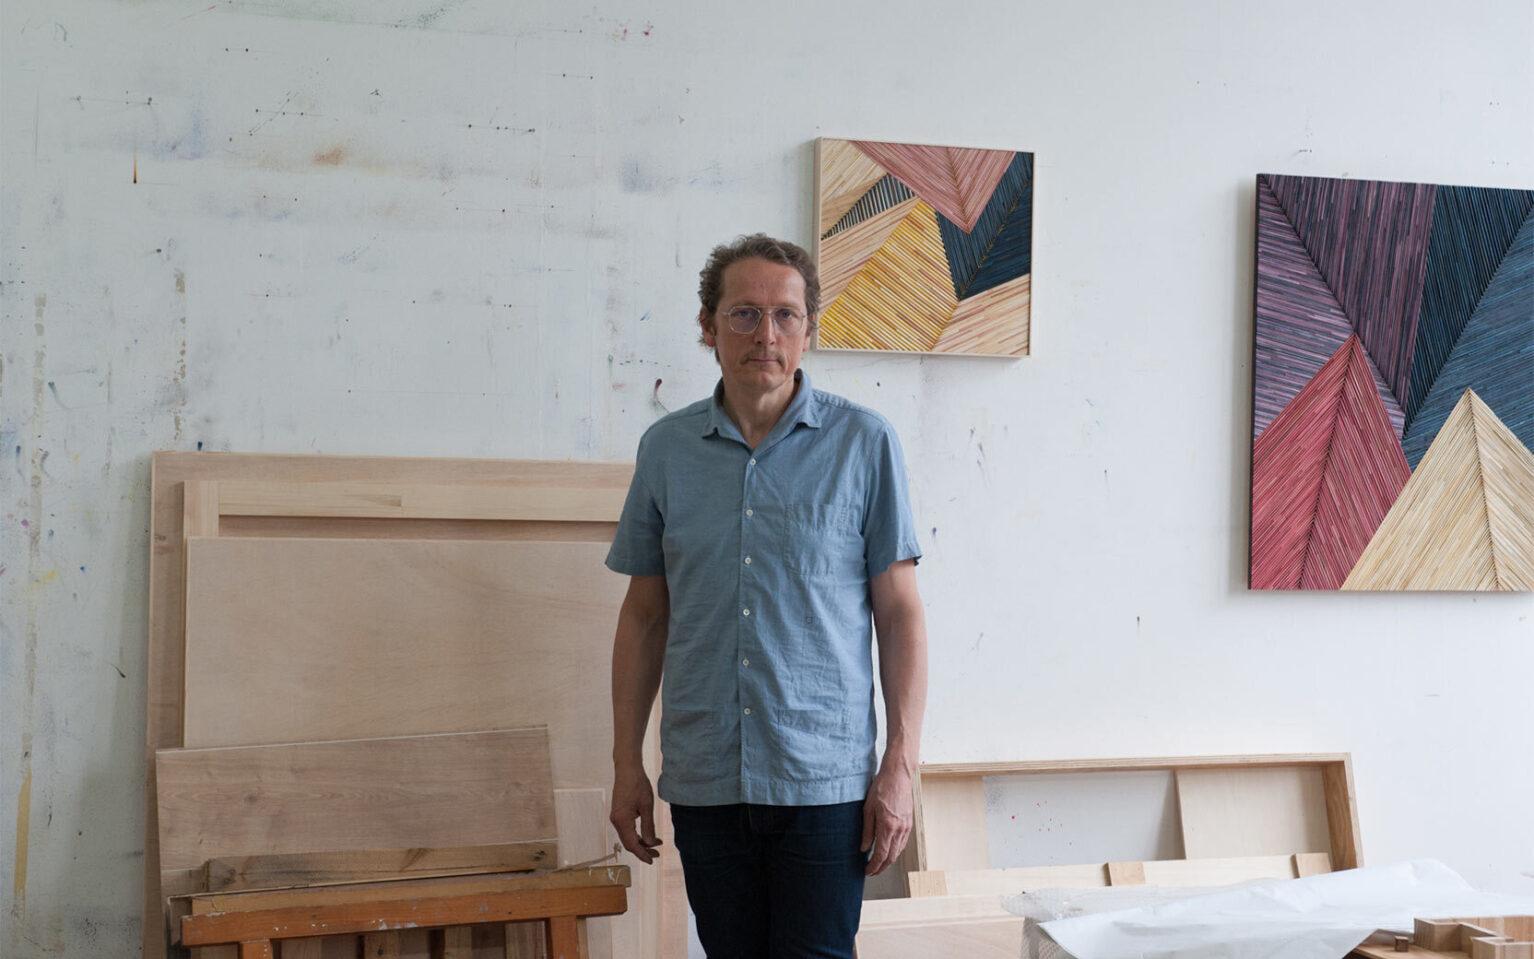 Olaf Holzapfel Tq